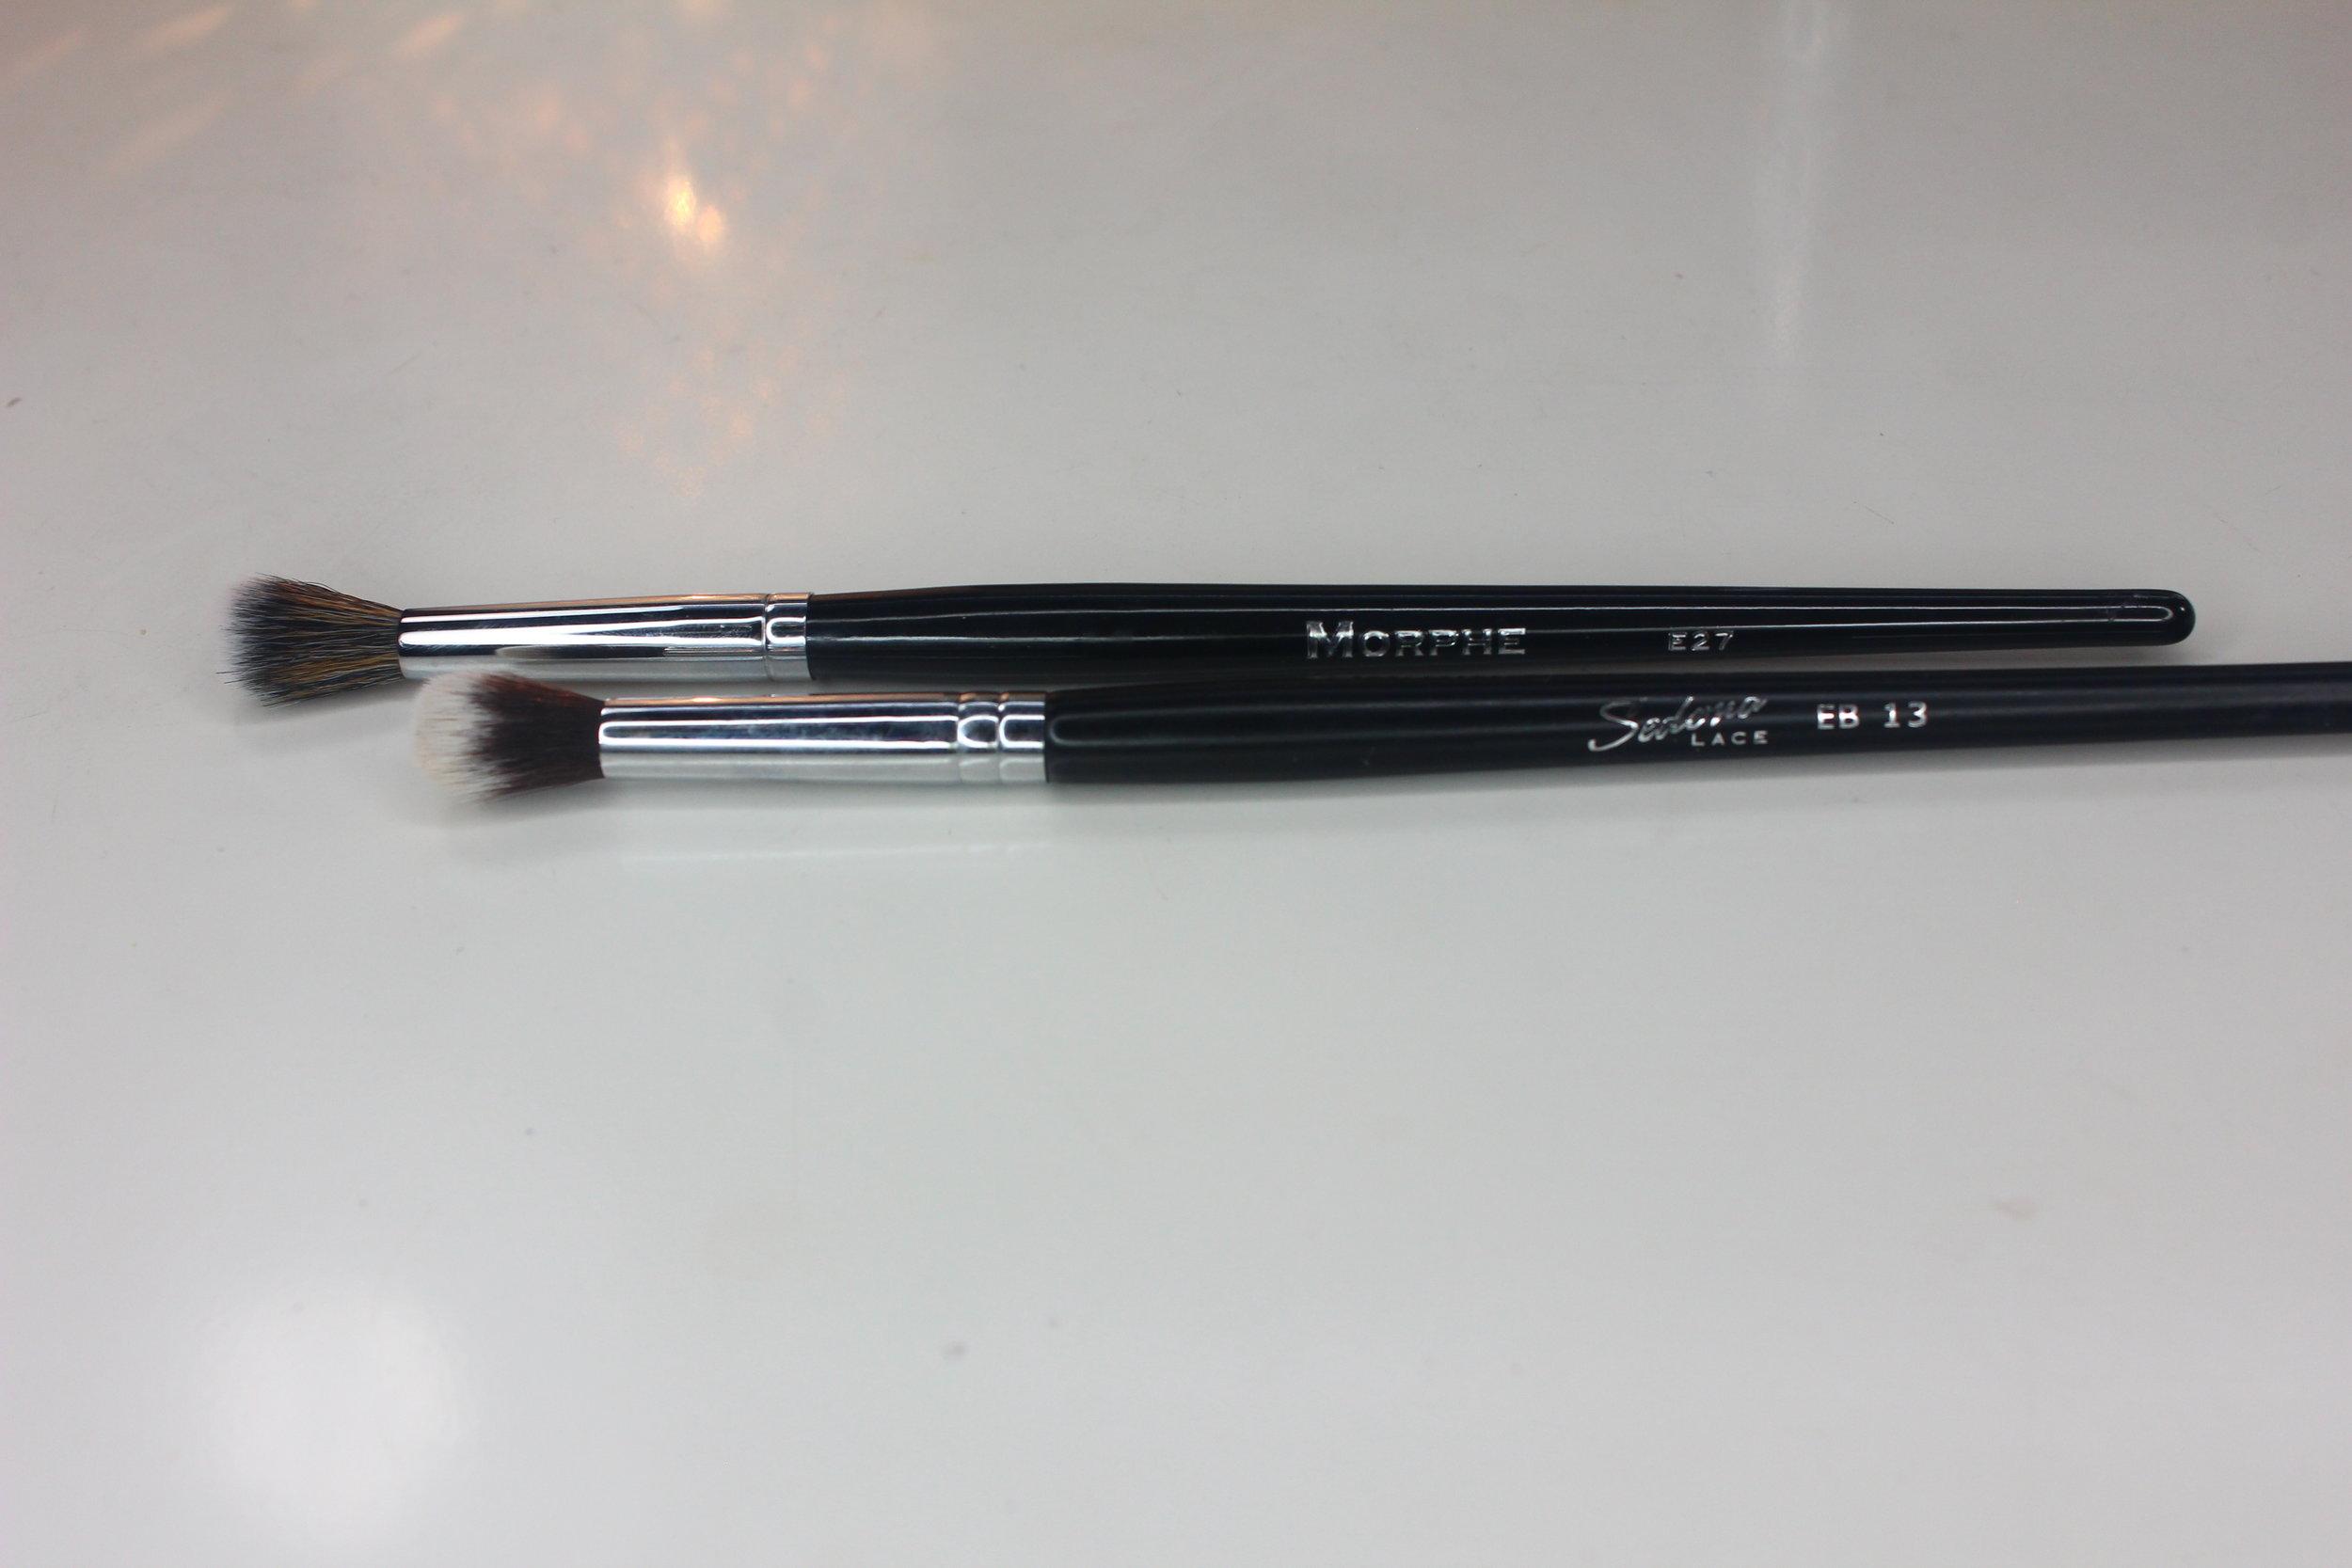 Morphe Brushes 2 - E27 Pro Round Blender